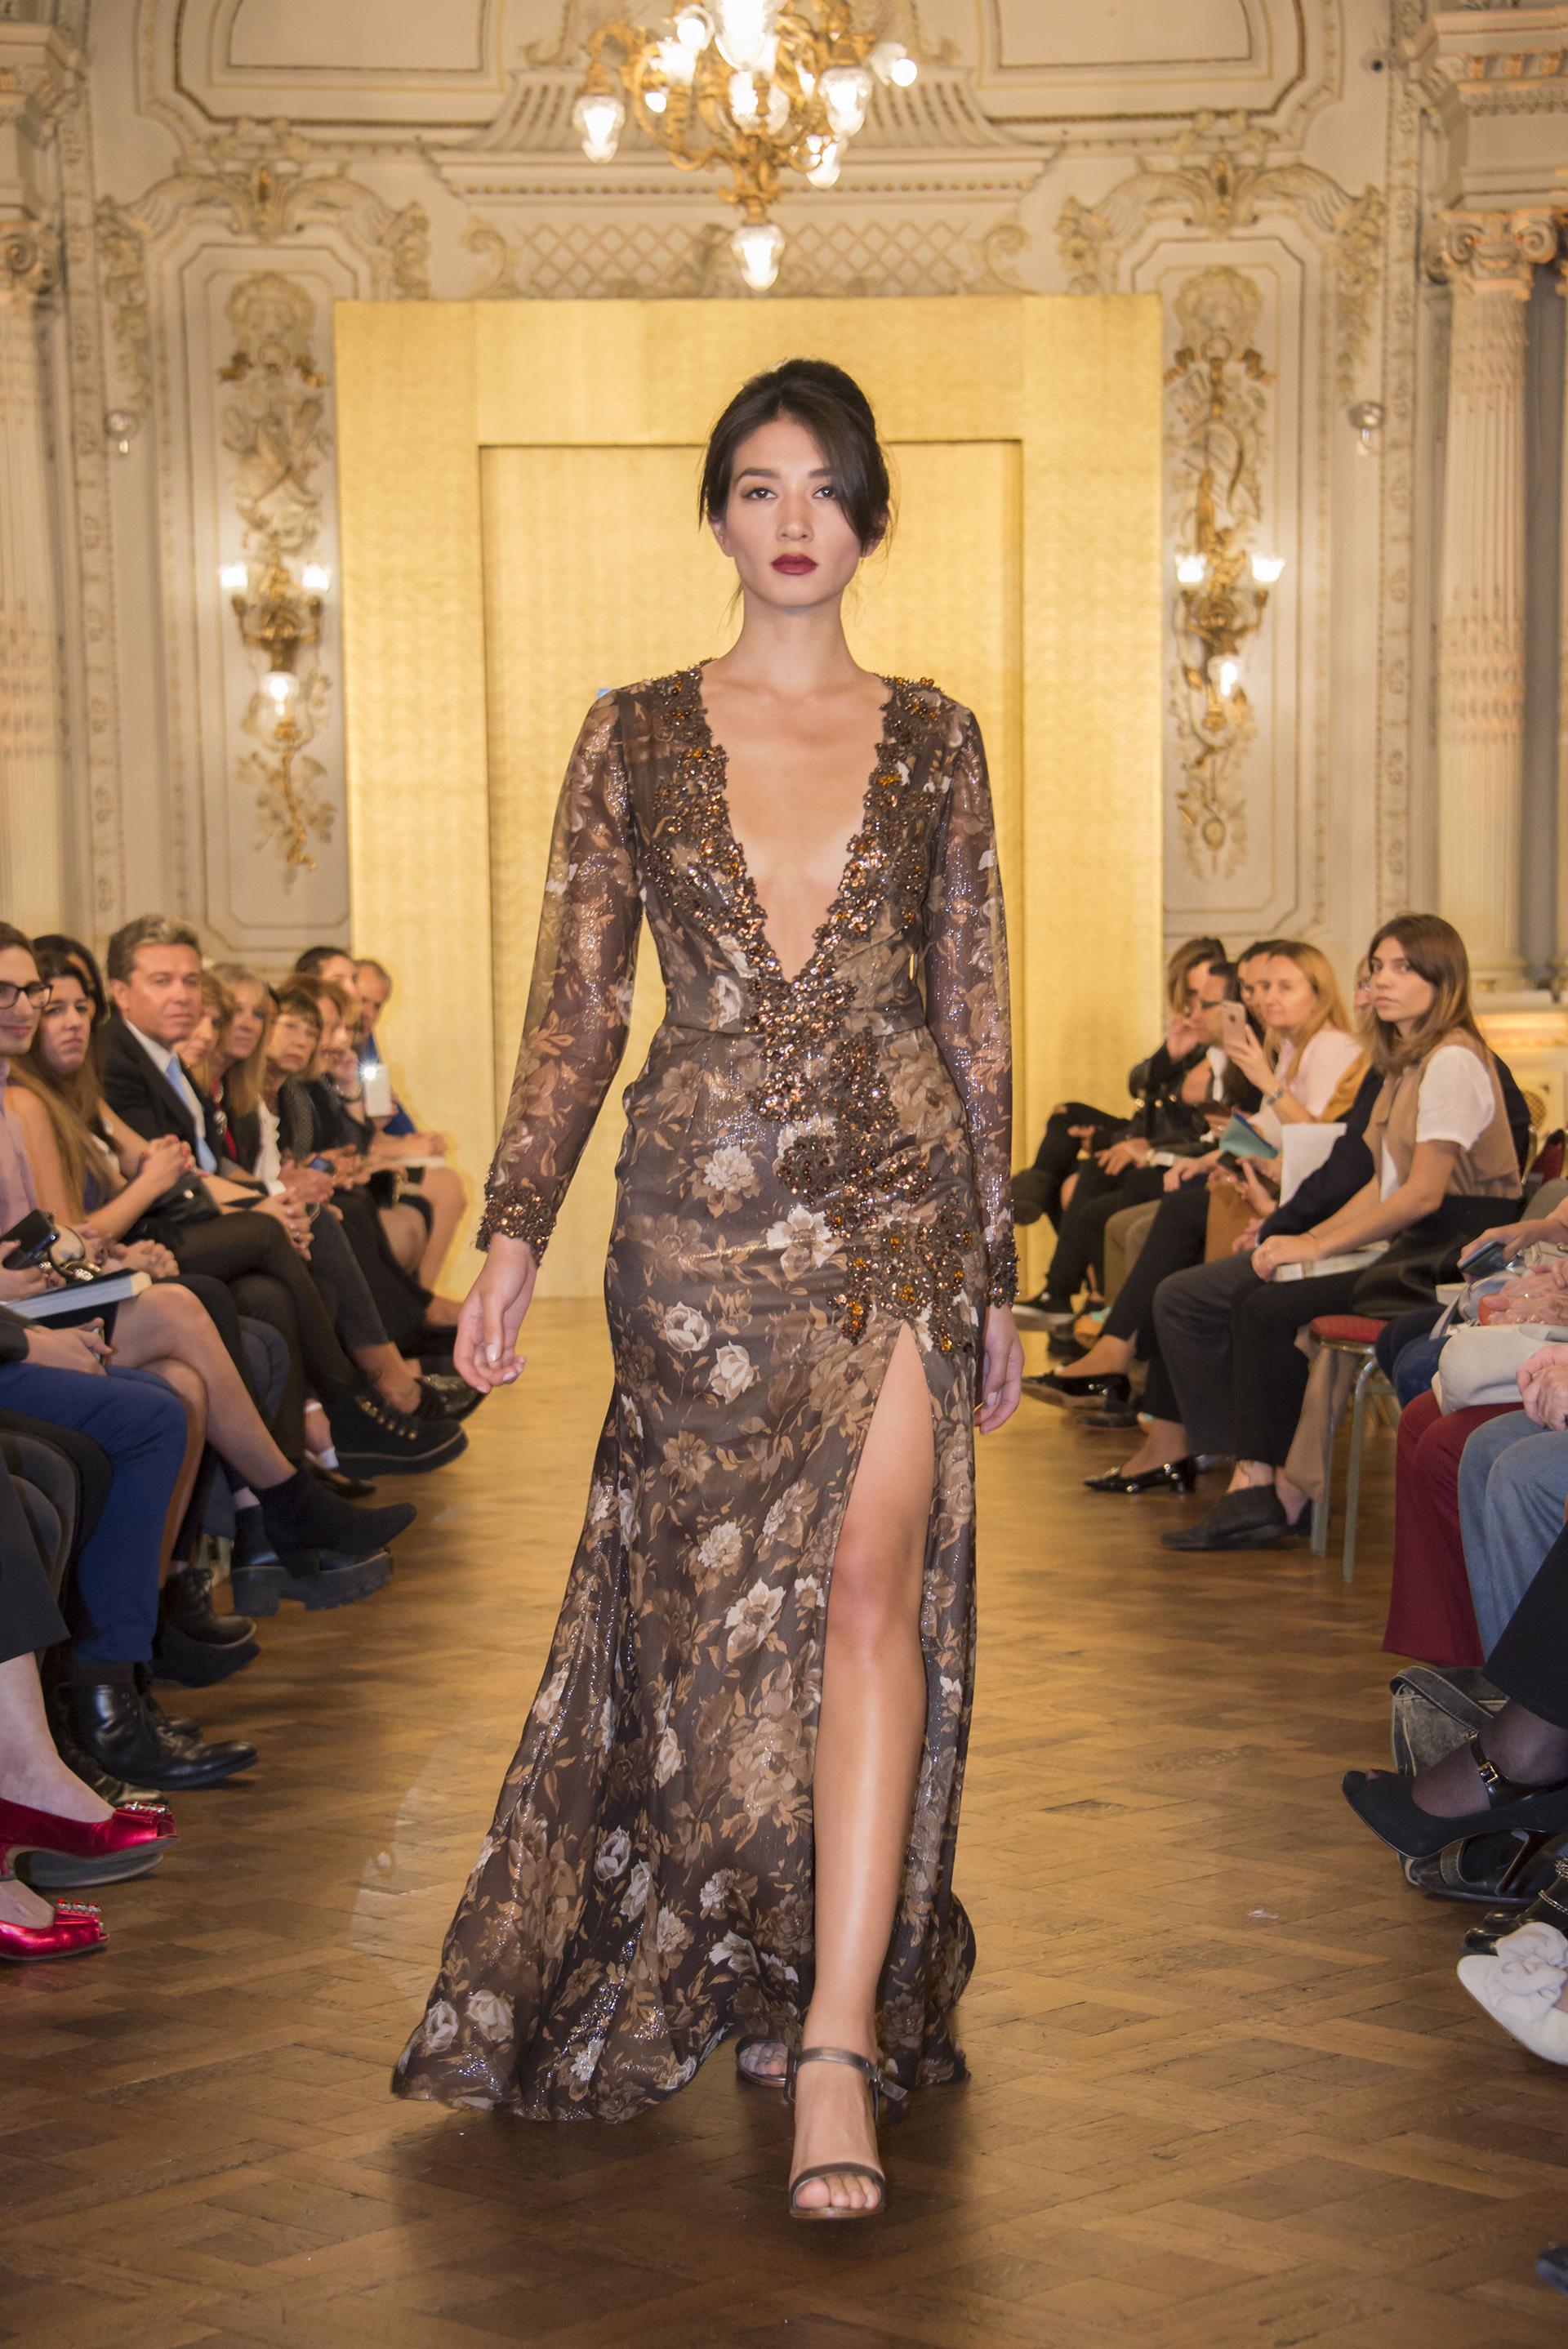 Vestido de gasa estampada marrón con tajo y bordado de piedras en escote y mangas (Dario Schaberger)